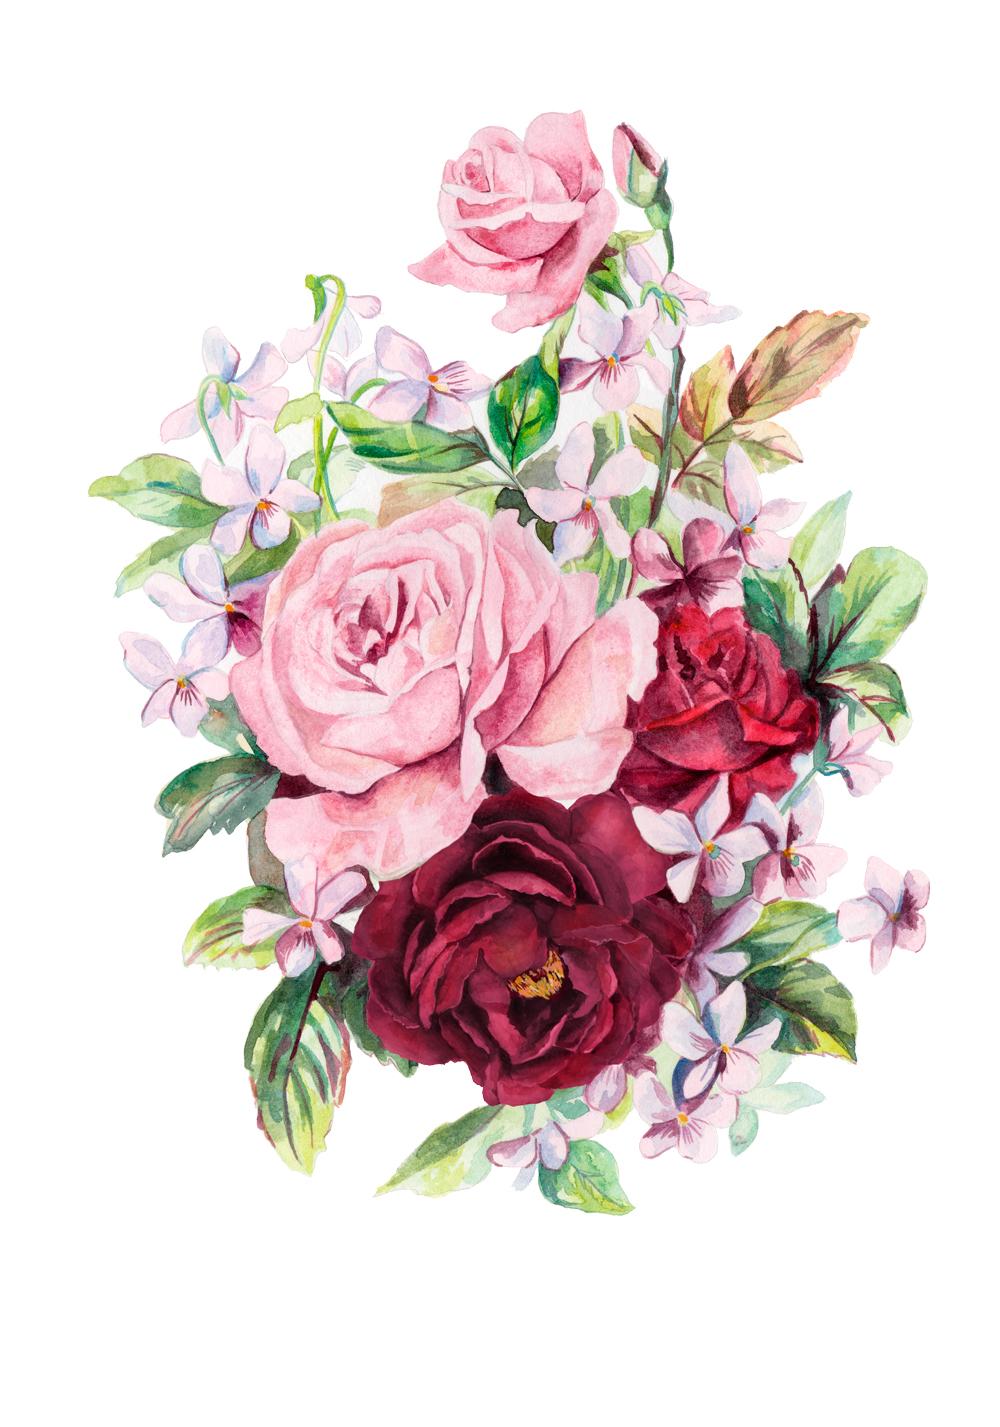 flowers_v2.jpg